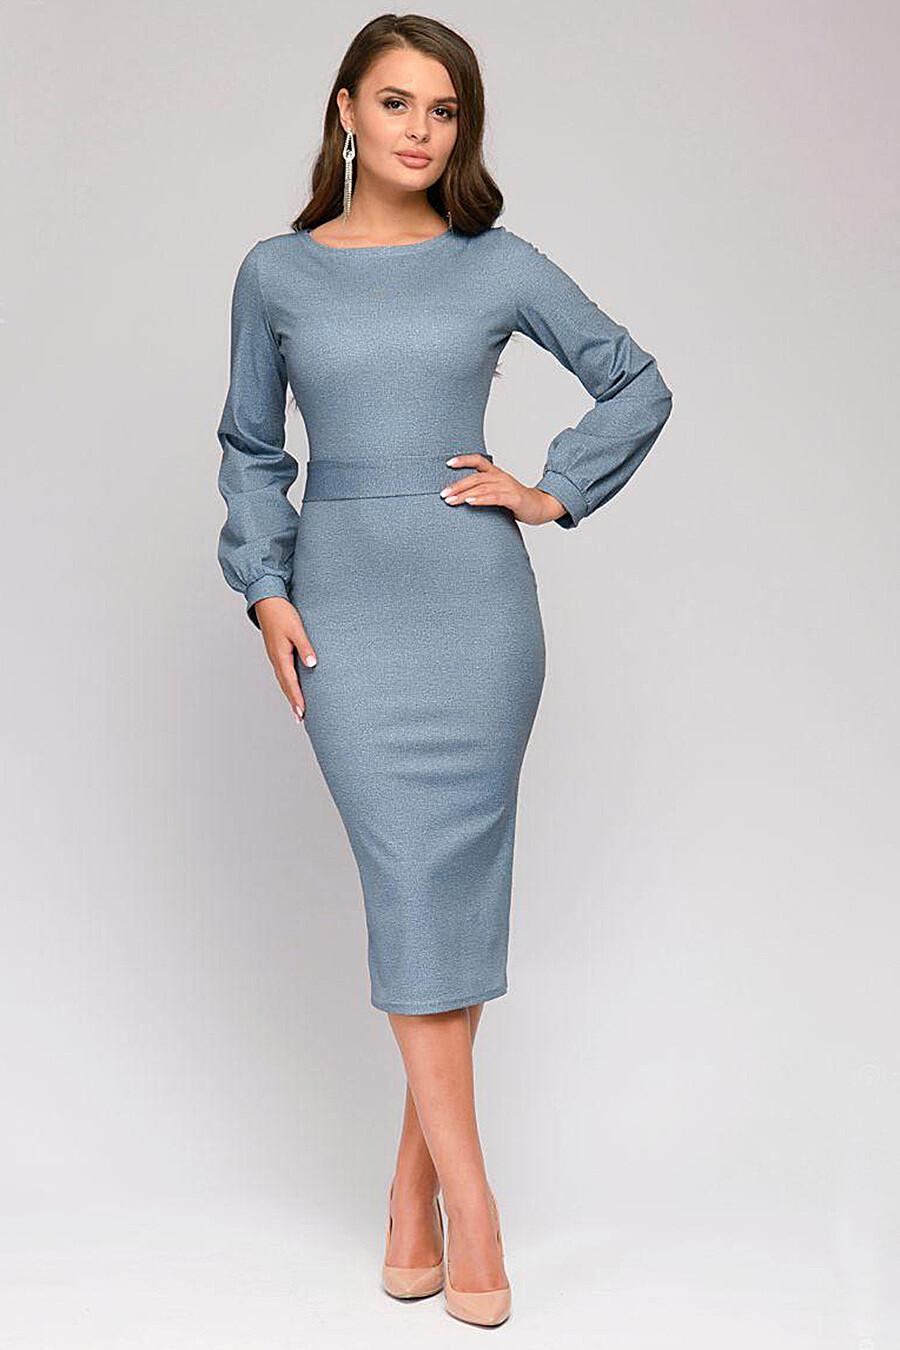 Платье для женщин 1001 DRESS 147259 купить оптом от производителя. Совместная покупка женской одежды в OptMoyo